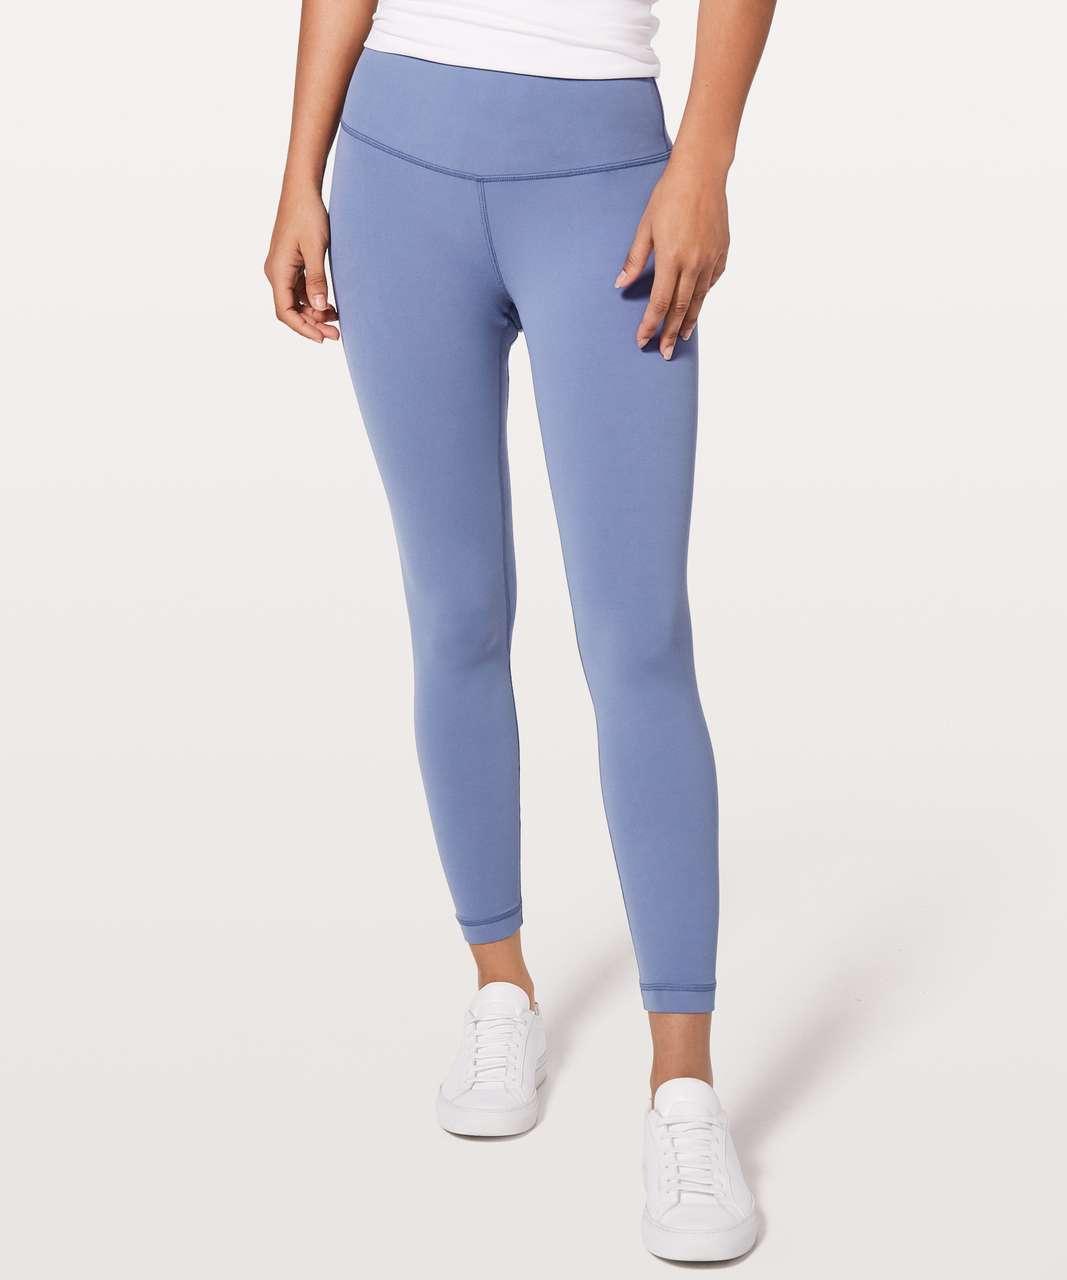 """Lululemon Align Pant II *25"""" - Brilliant Blue"""